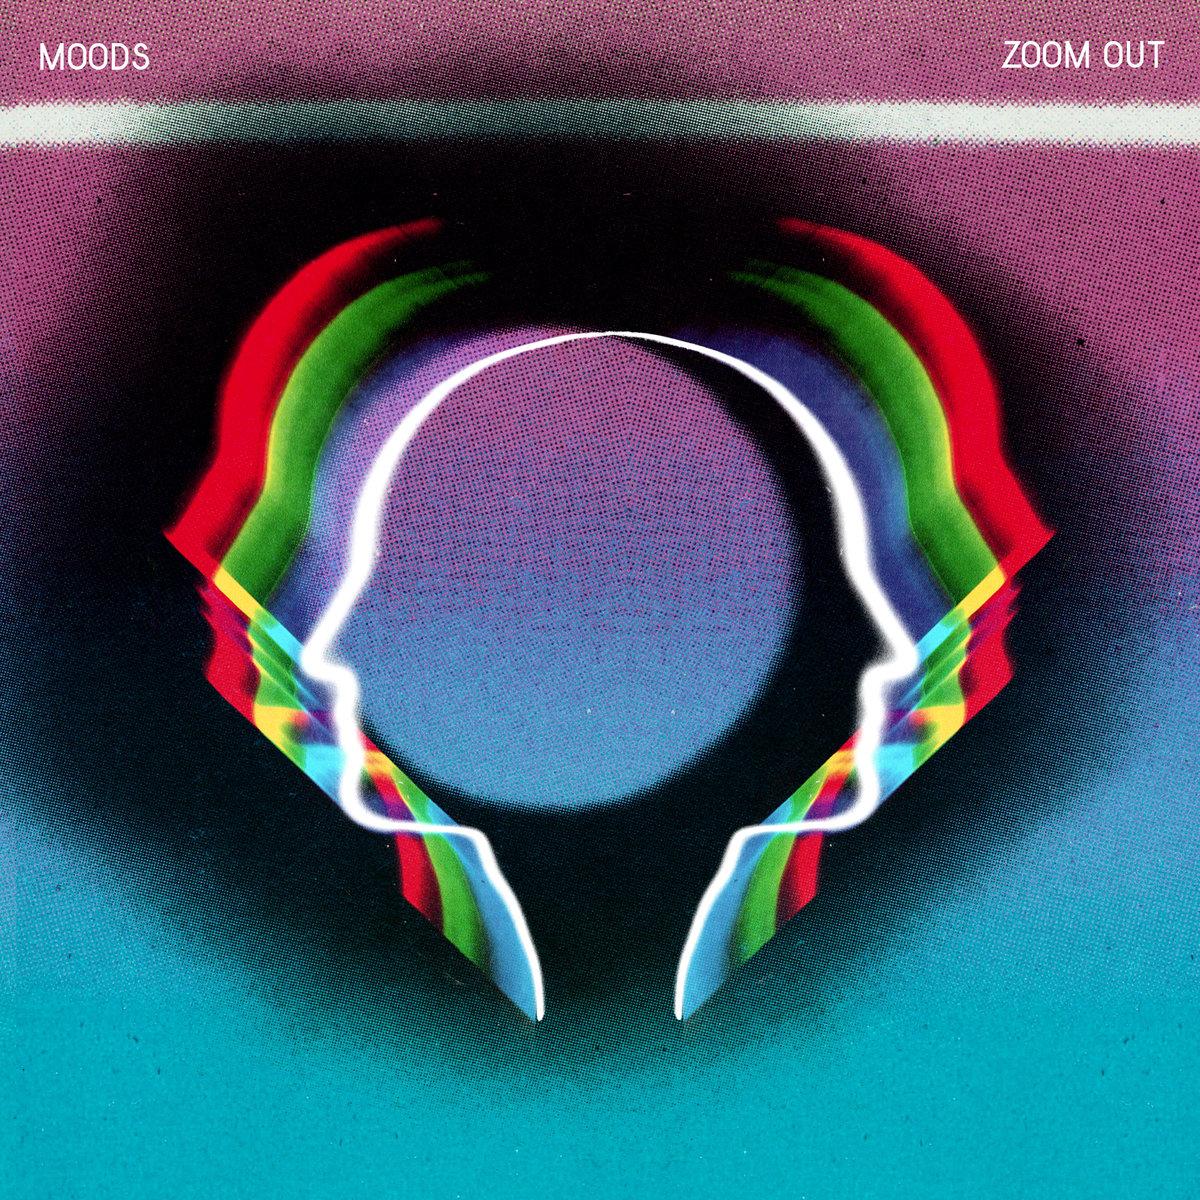 Album des Tages: Moods - Zoom Out